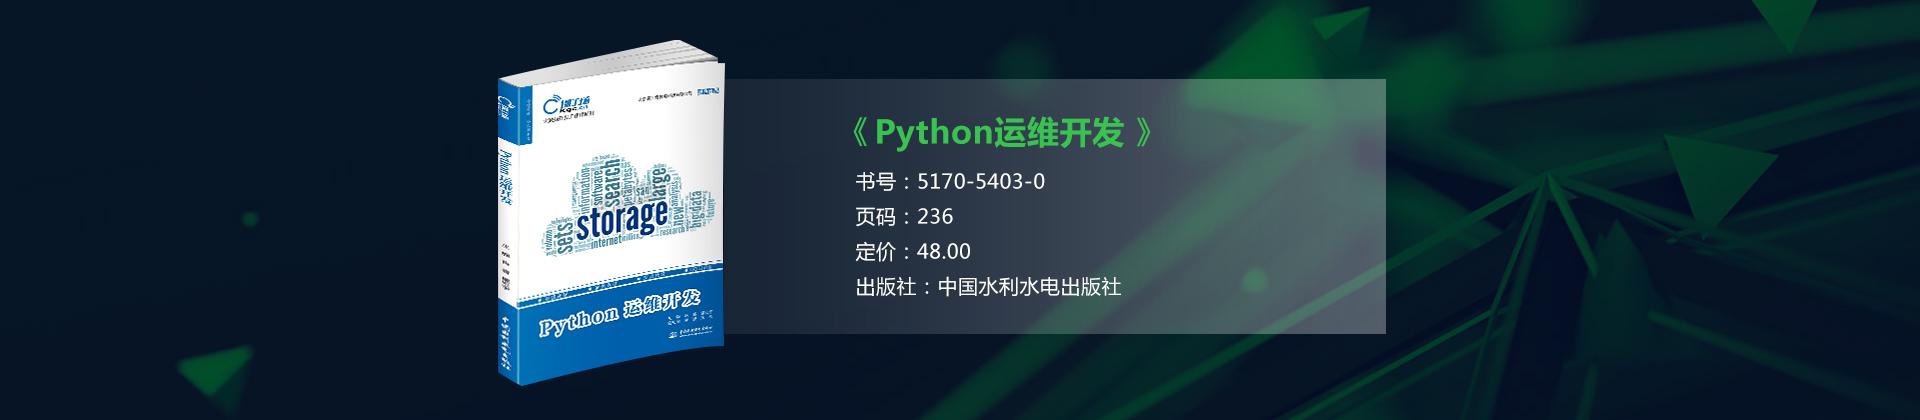 Python開發向導